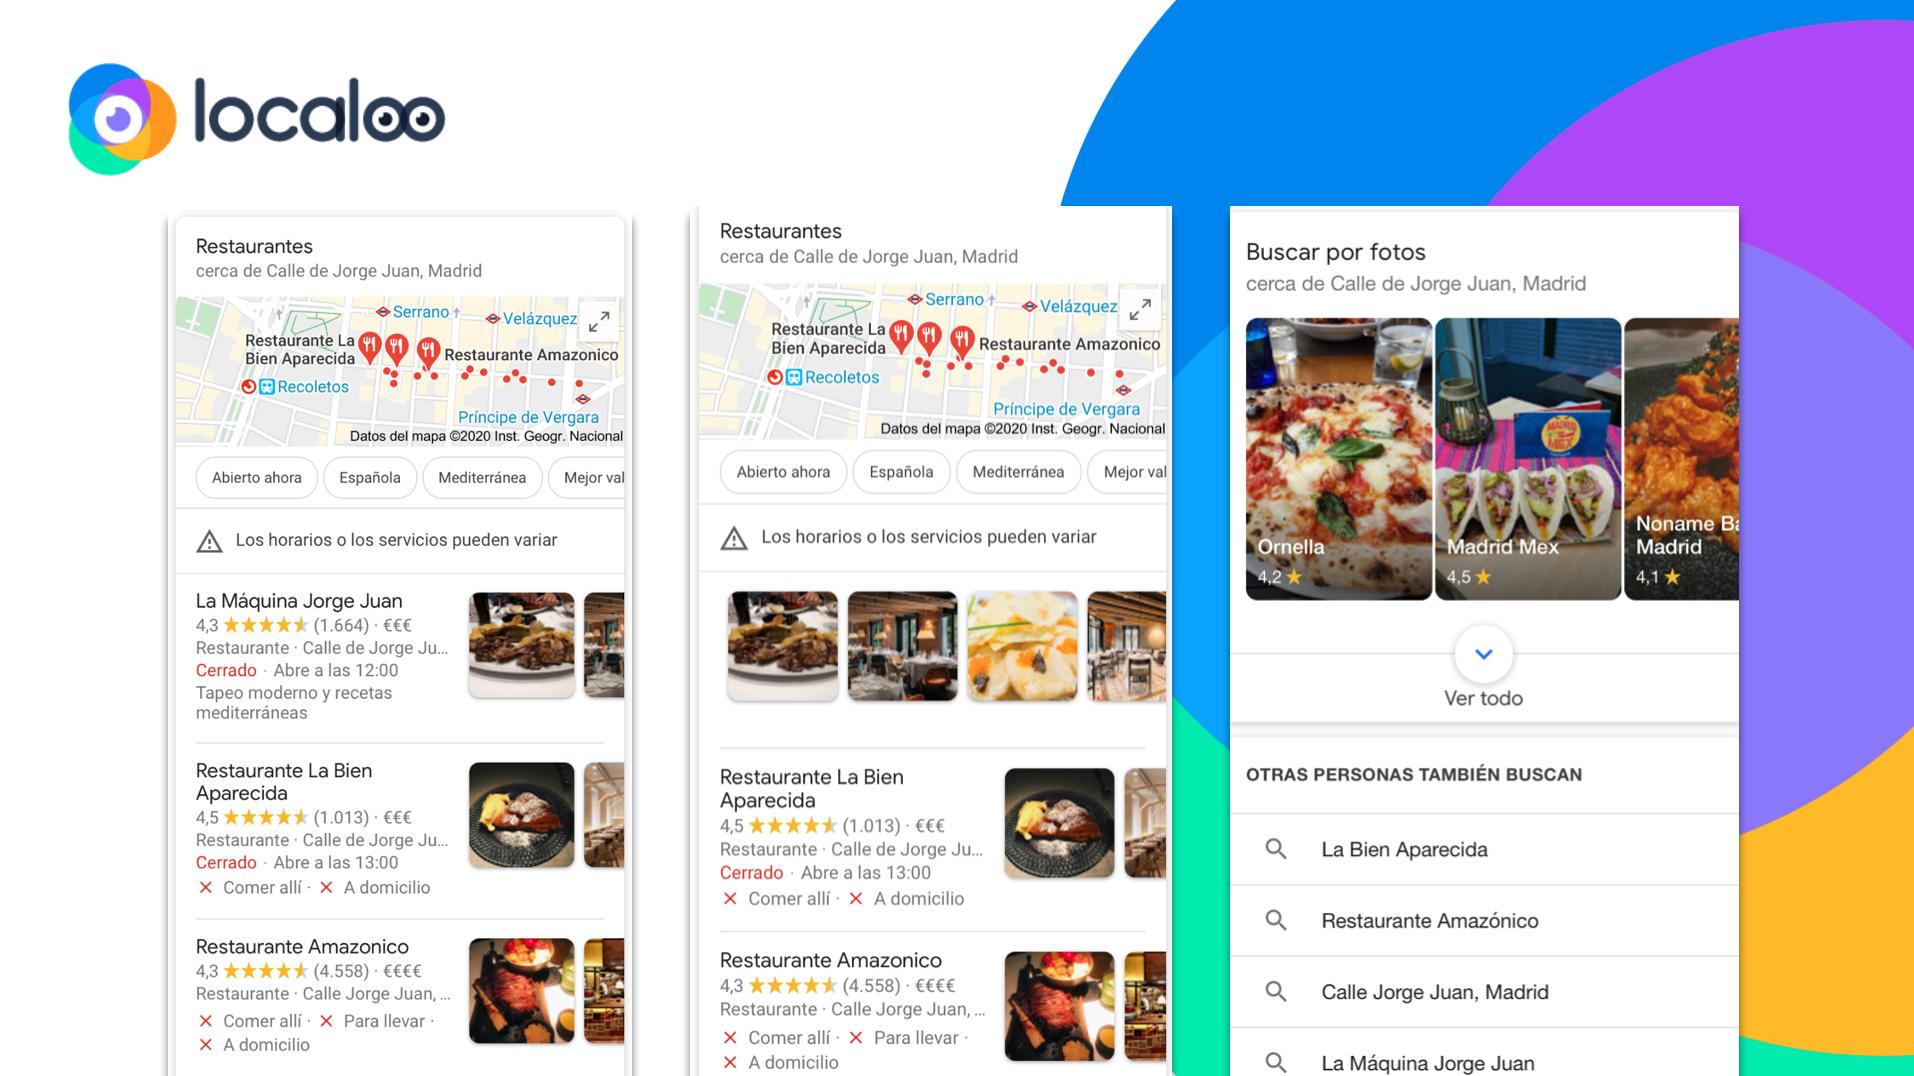 google my business adapta sus búsquedas para hacerlas mucho más visuales